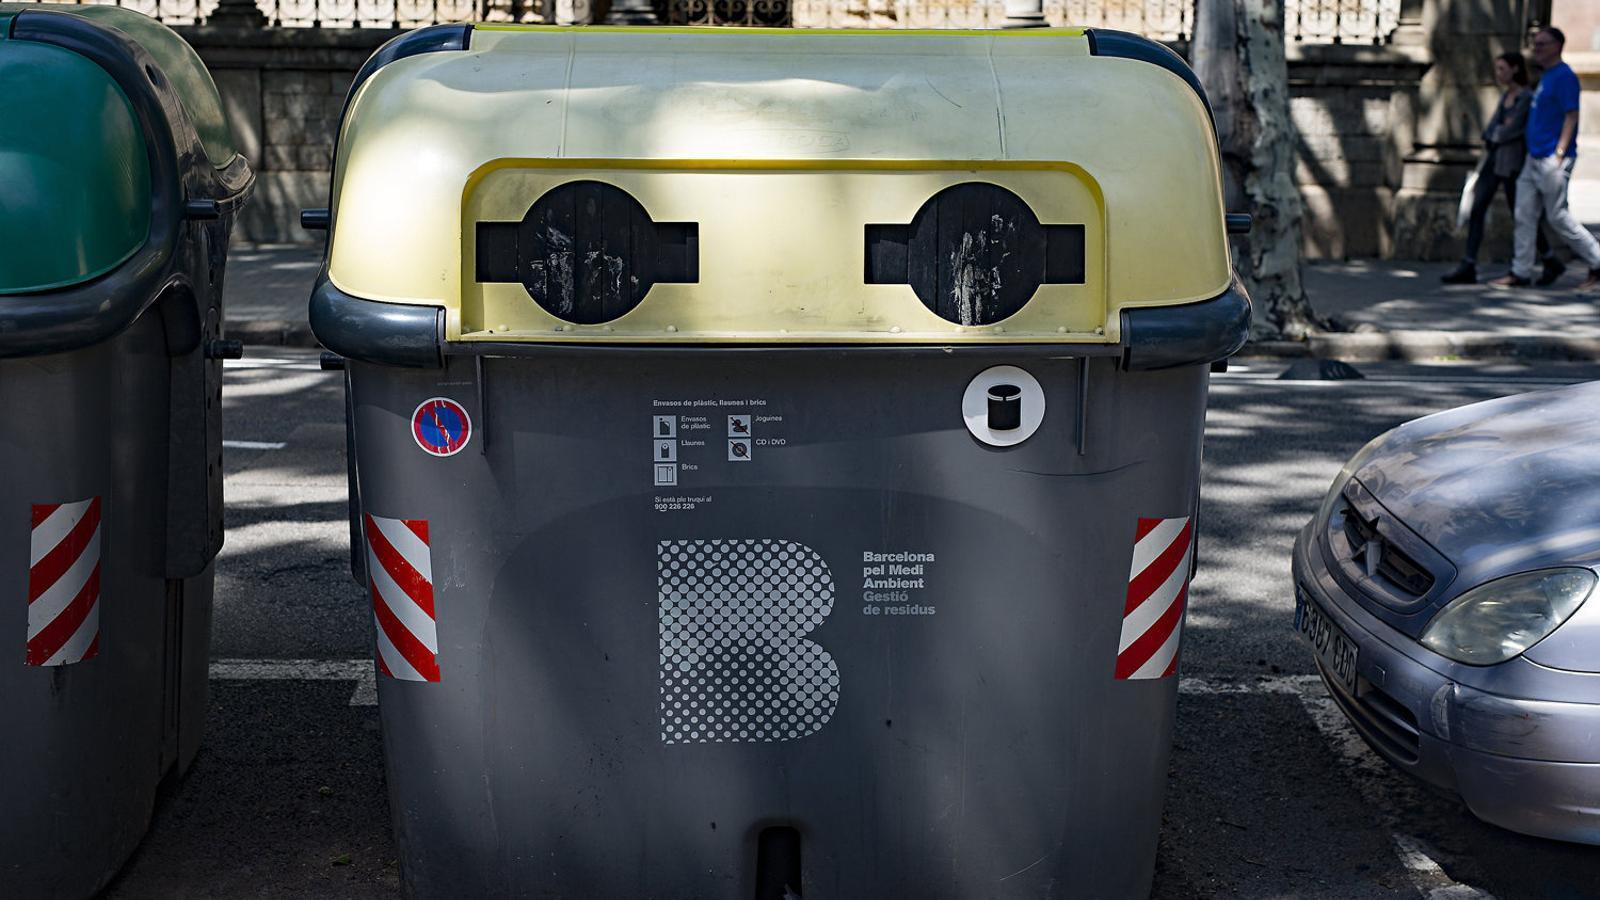 Com menys reciclis, més pagaràs: el futur de la taxa d'escombraries